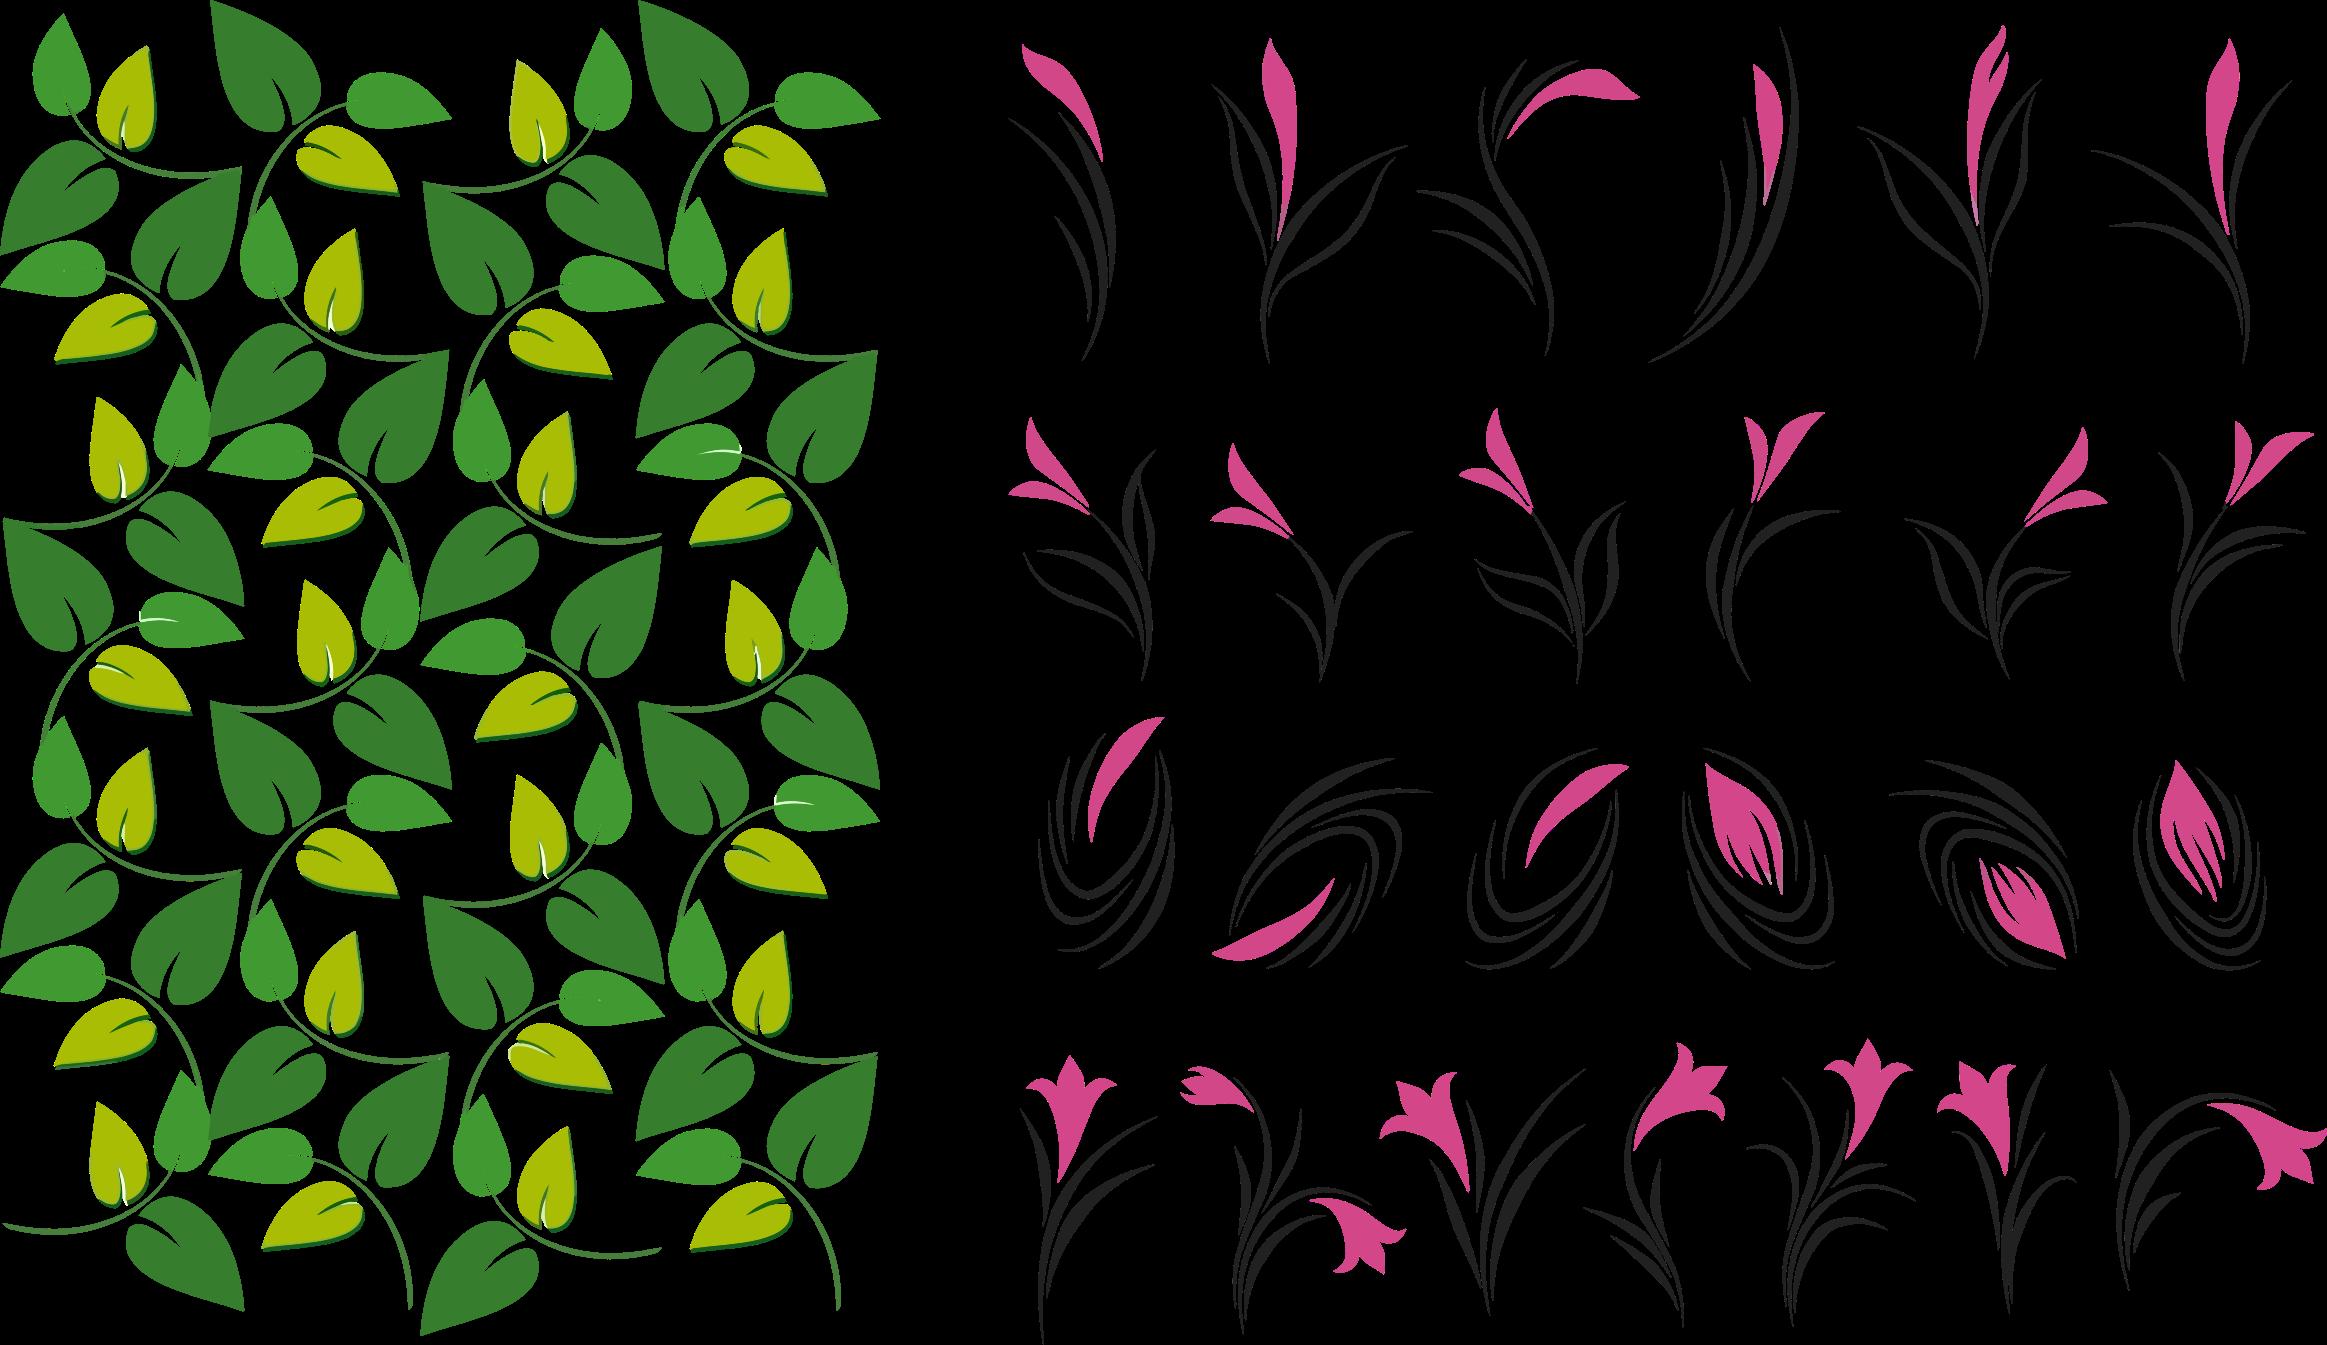 Flower leaves clipart jpg black and white Clipart - Leaves And Flowers jpg black and white